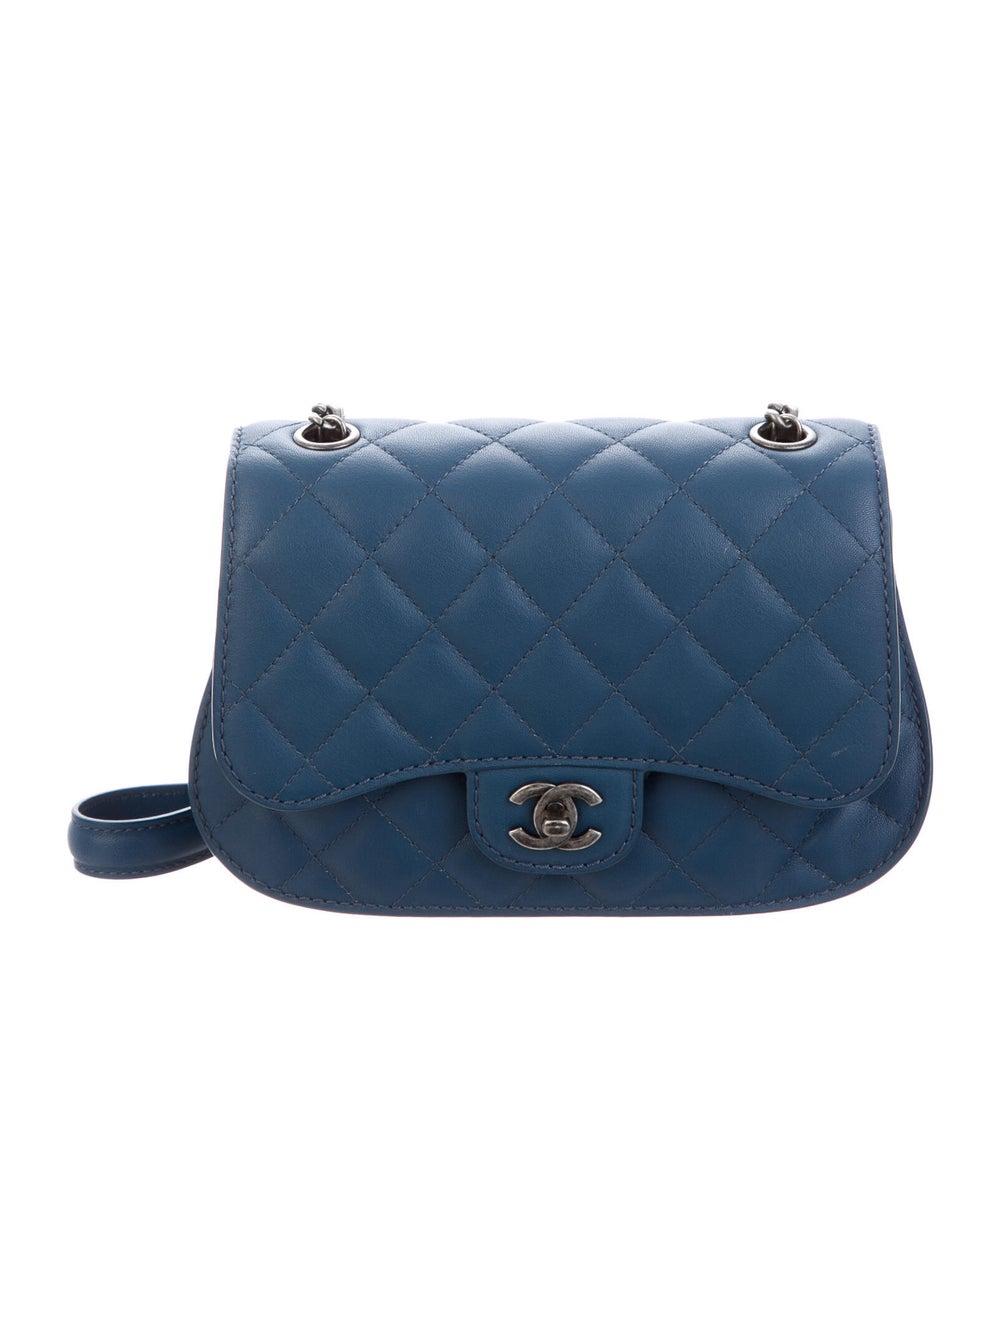 Chanel Flap Messenger Bag Blue - image 1